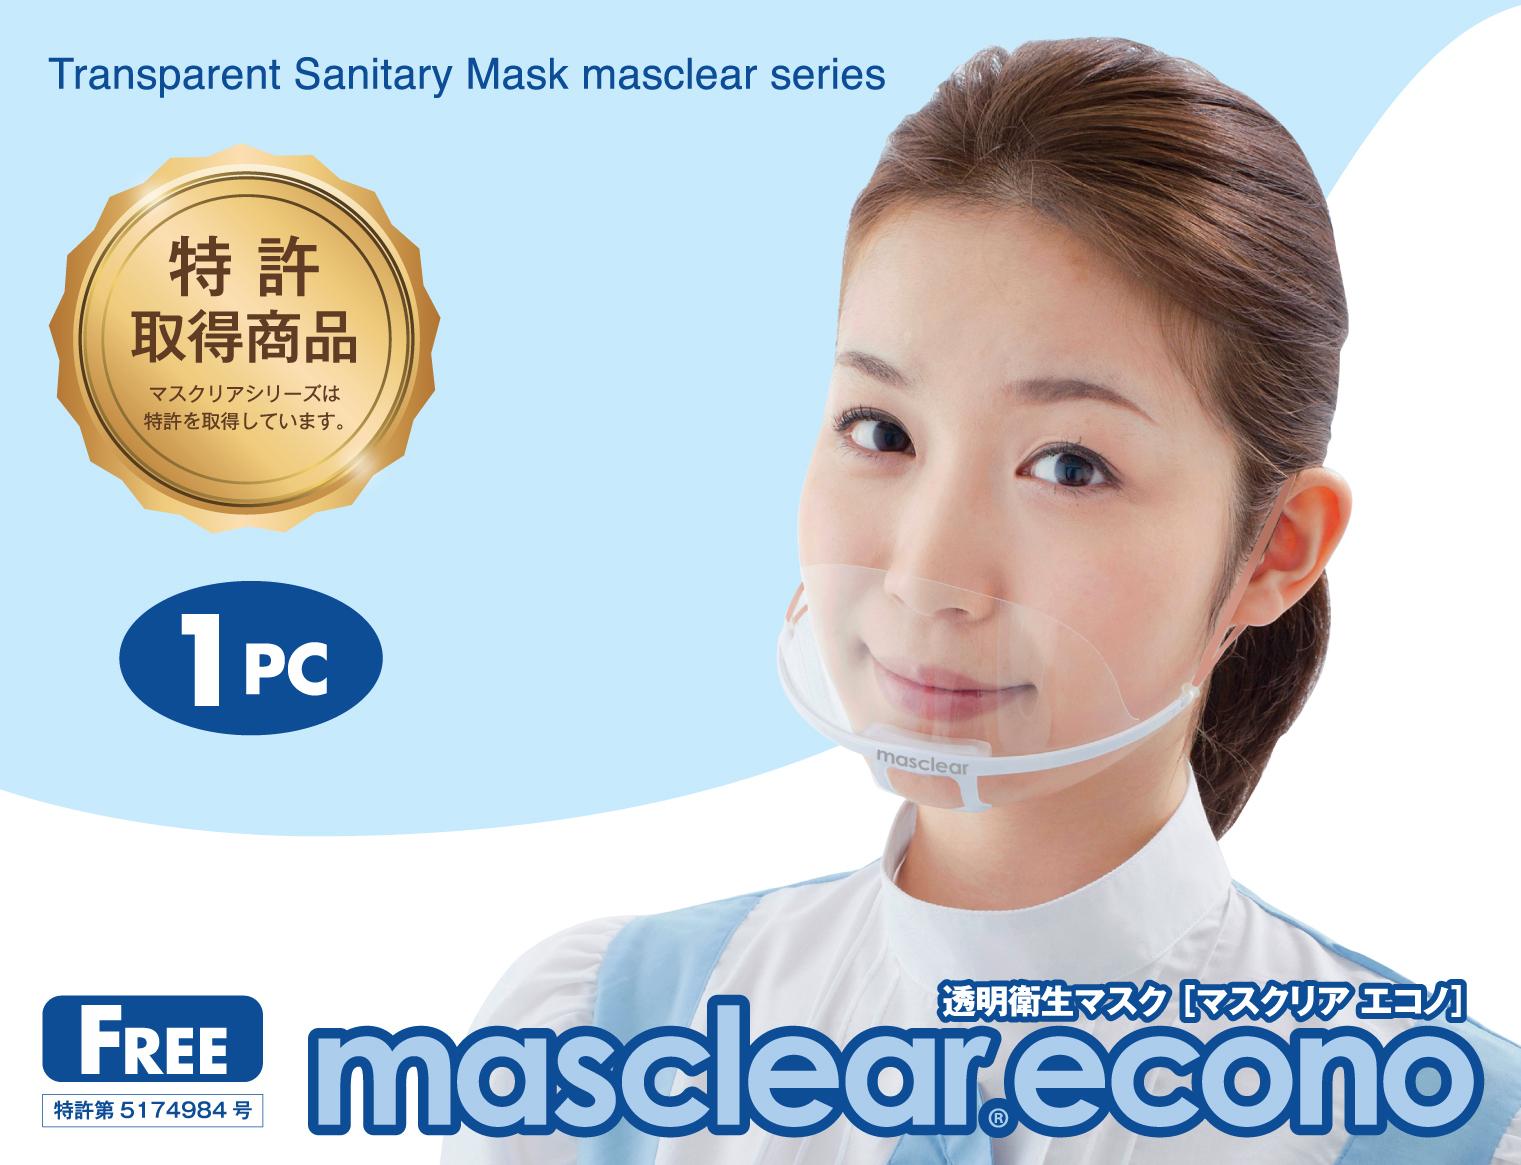 【踏んでも割れない、折れない、曇らない】マスクリア エコノ (1個入り) 透明マスク マウスシールド